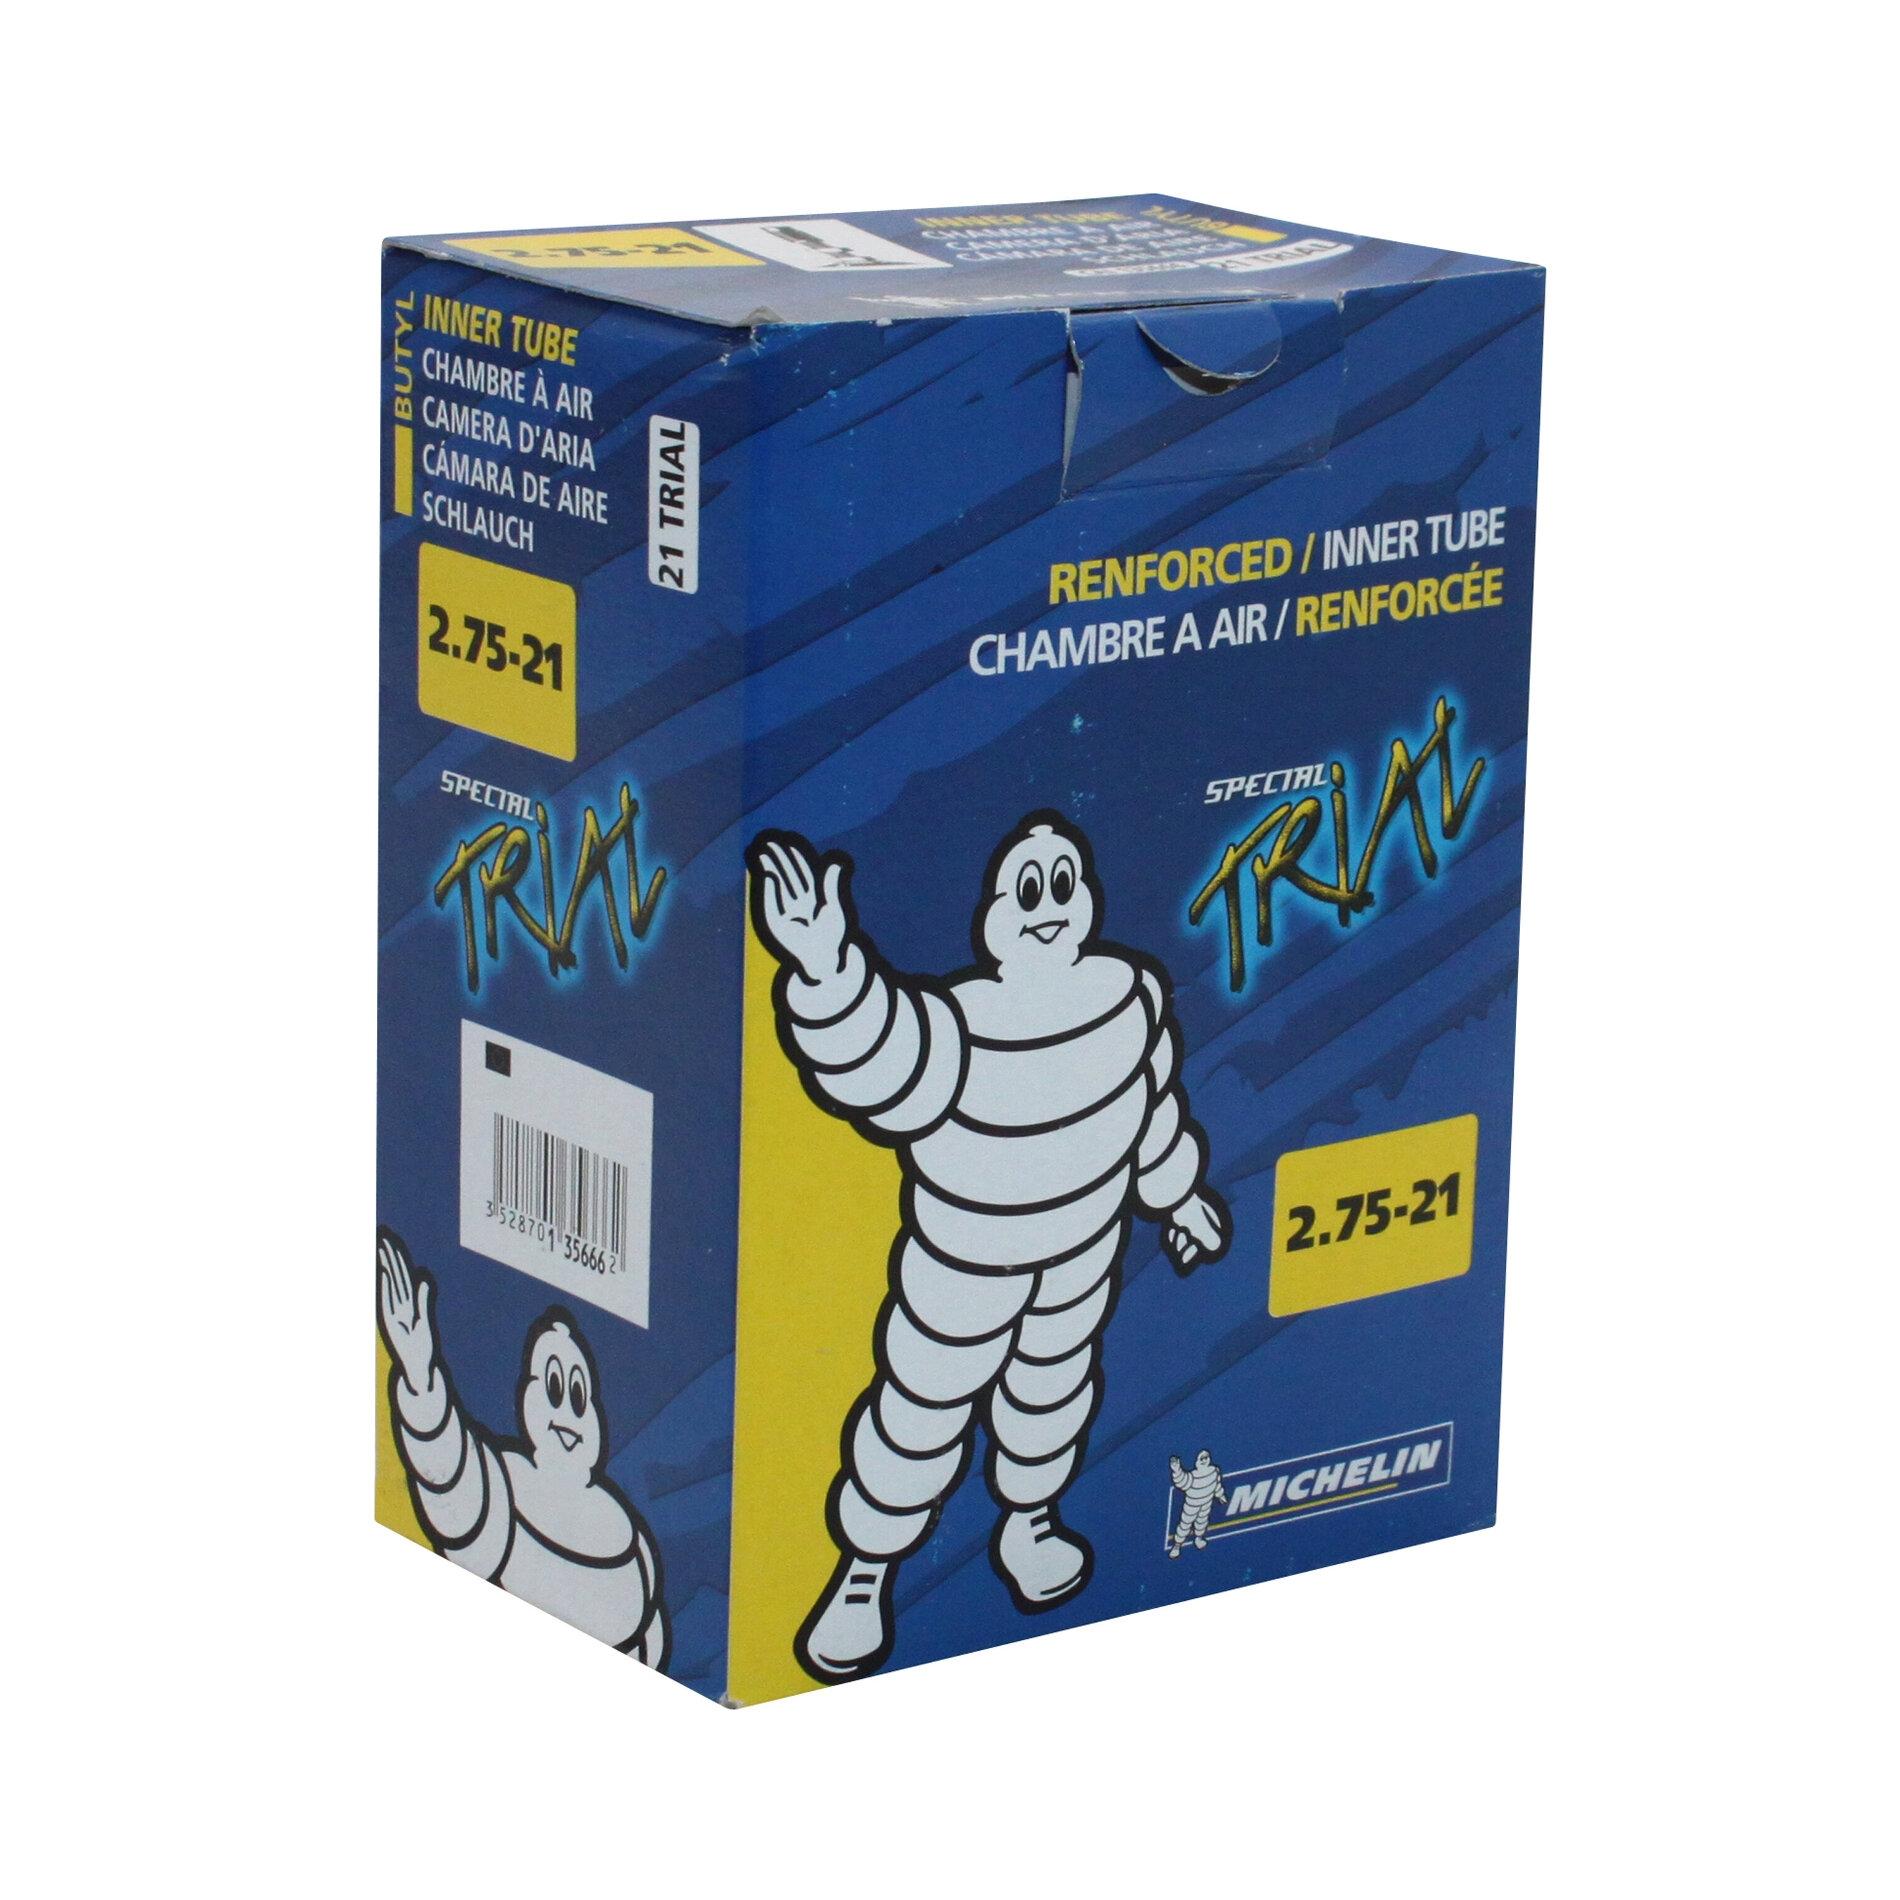 Chambre à air Michelin trial 2,75-21 valve droite